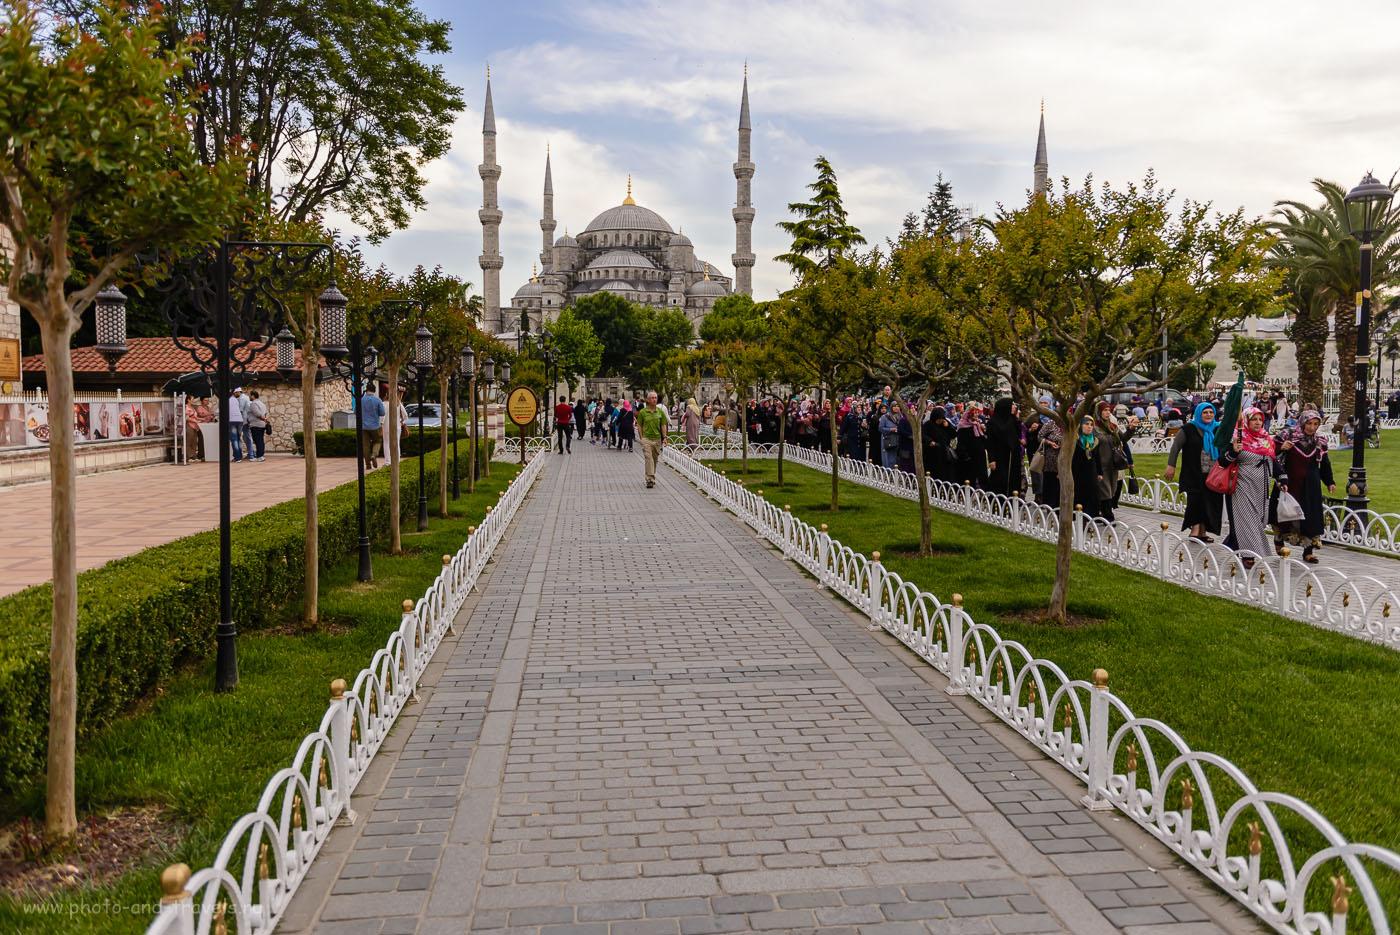 Фото 1. Голубая мечеть (Sultanahmet Camii) в Стамбуле – одна из самых известных достопримечательностей Турции, посмотреть на которую приезжают туристы со всего мира. Камера Nikon D610, объектив Nikon 24-70mm f/2.8. Параметры съемки: выдержка 1/1600 с, диафрагма f/2.8, экспокоррекция -0.67EV, ИСО 200, фокусное расстояние 24.